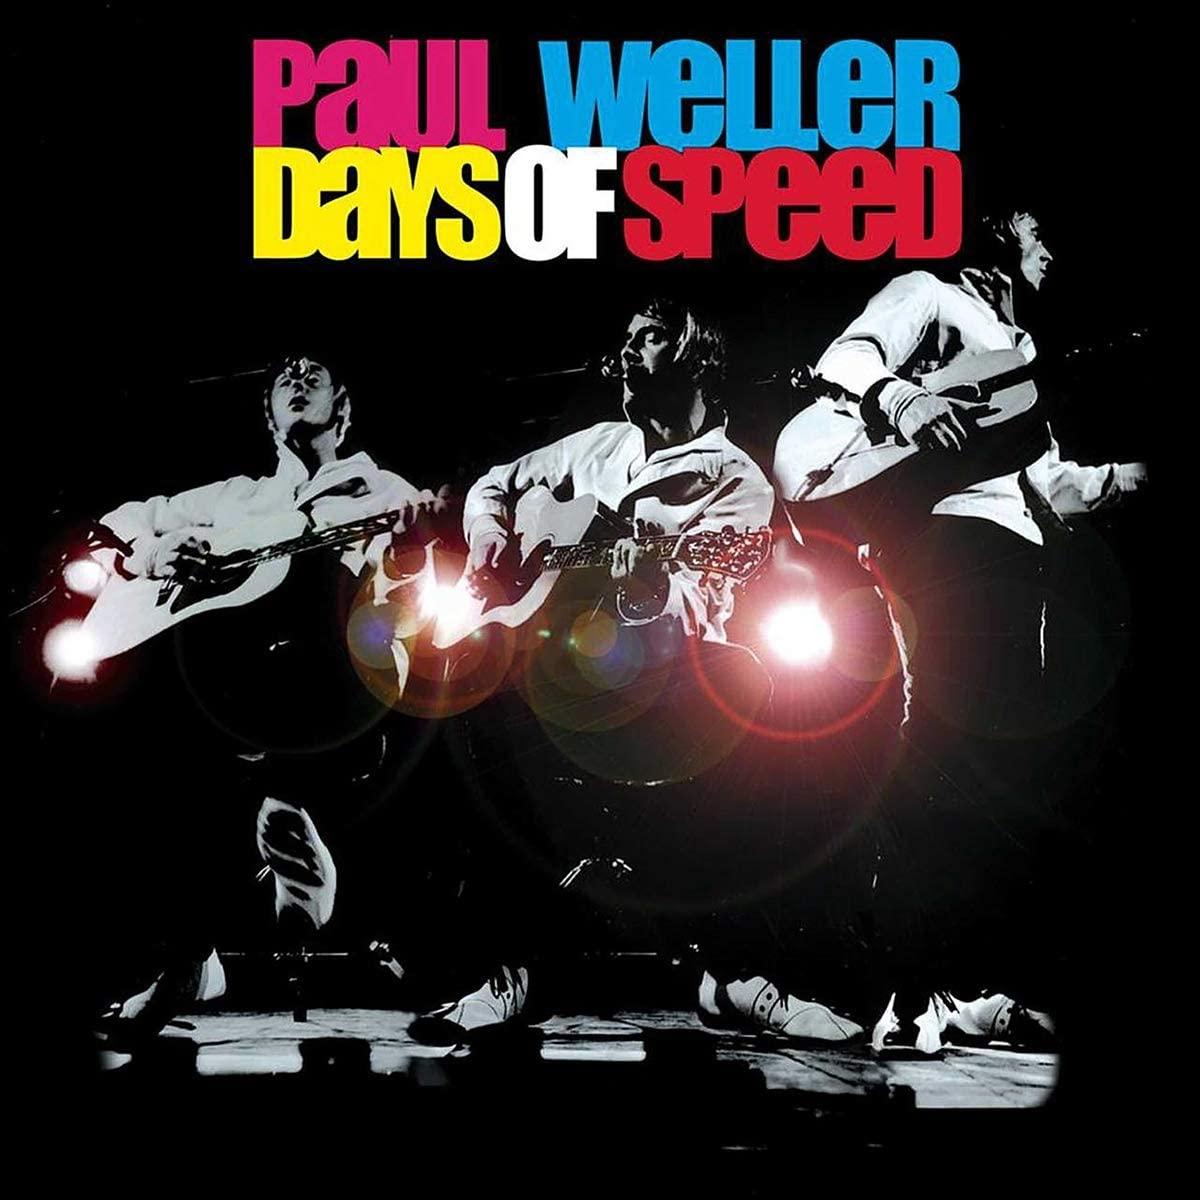 Paul Weller / Days of Speed vinyl reissue